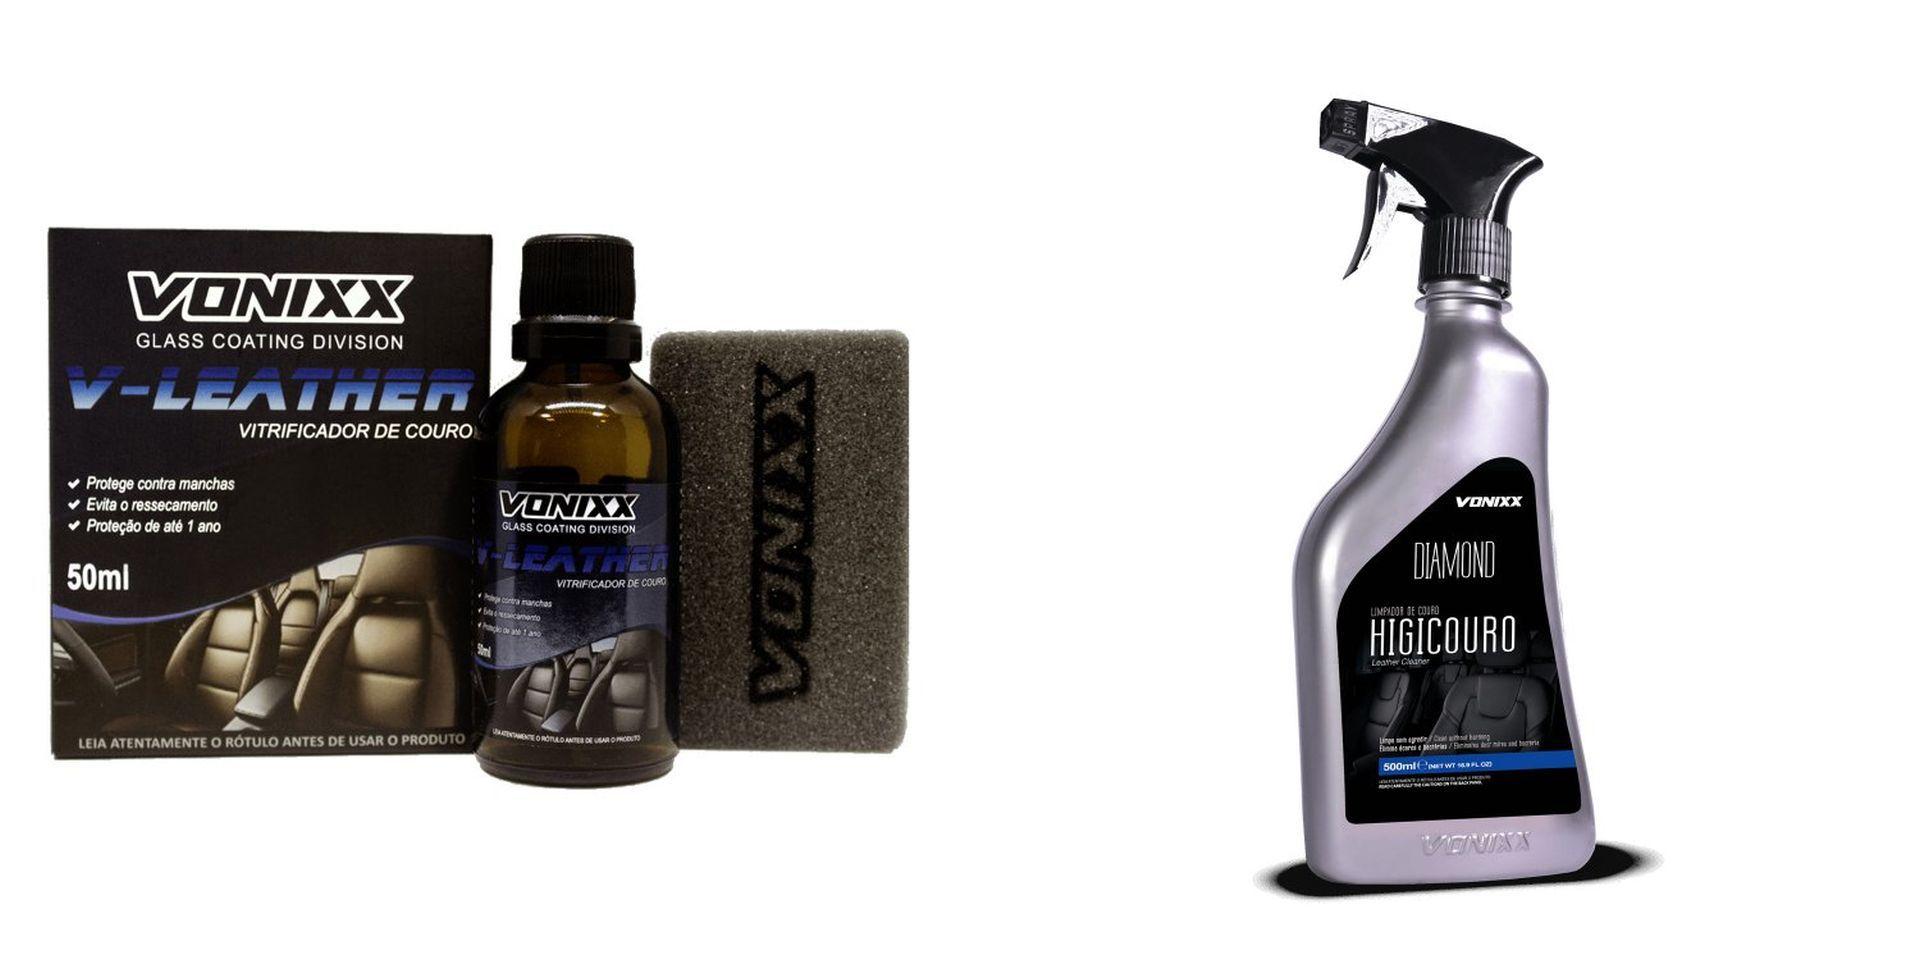 Kit V-Leather 50ml + Higicouro 500ml Vonixx